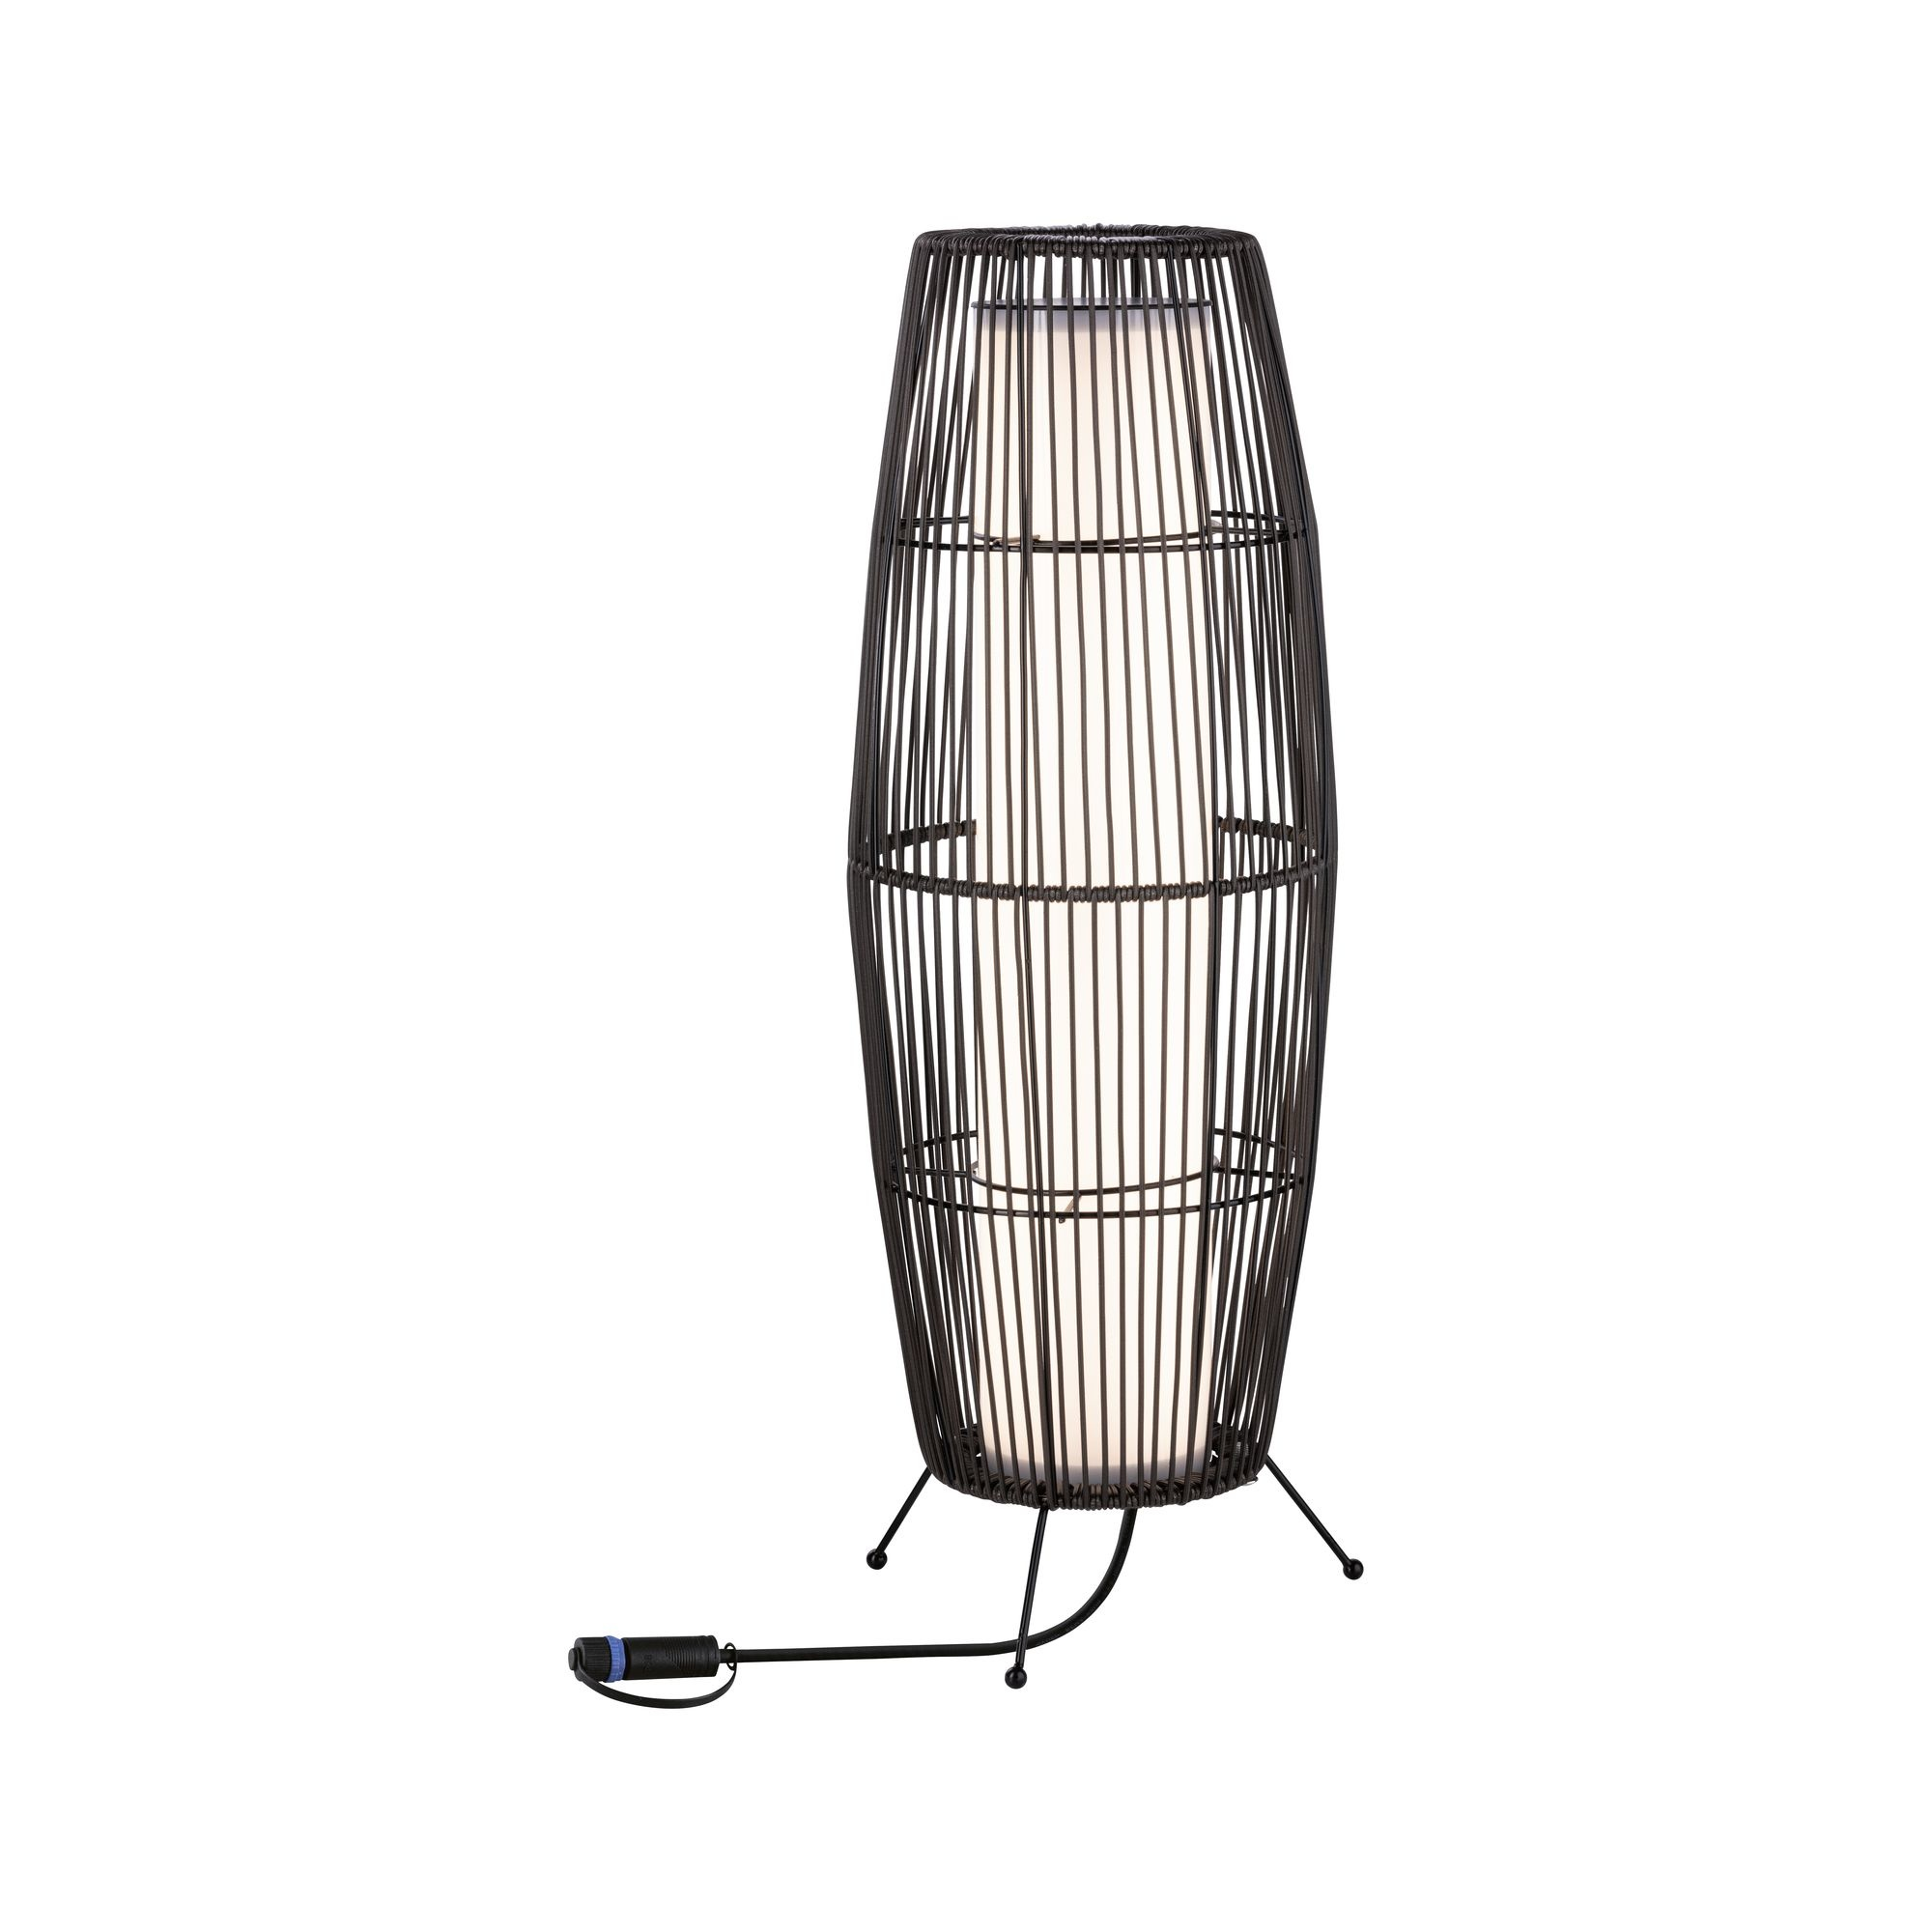 Paulmann Plug & Shine Lichtobjekt Basket IP44 3.000K 8W 24V Anthrazit 60x20cm